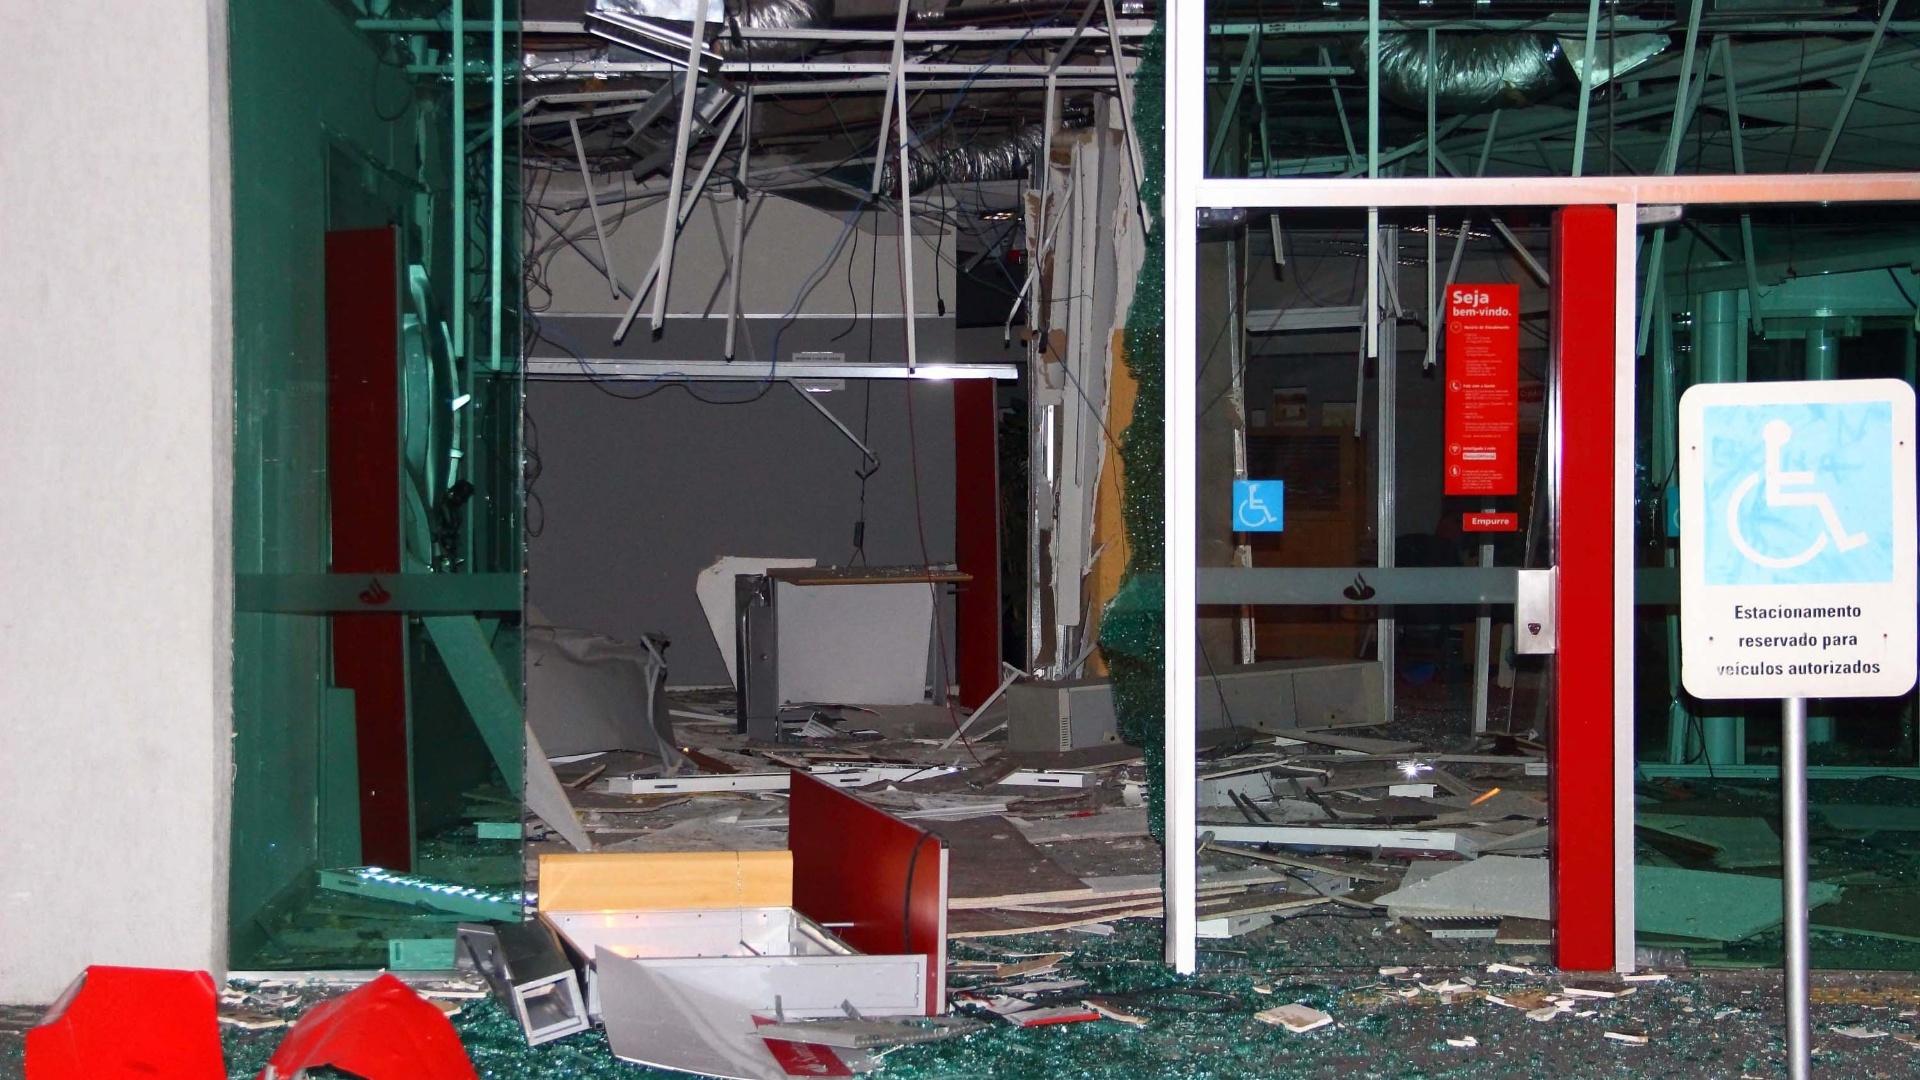 12.set.2014 - Quatro homens armados entraram em uma agência bancária na Vila Anastácio, em São Paulo, na madrugada desta sexta-feira (12), e explodiram caixas eletrônicos. Moradores da região avisaram a polícia, mas os homens conseguiram fugir